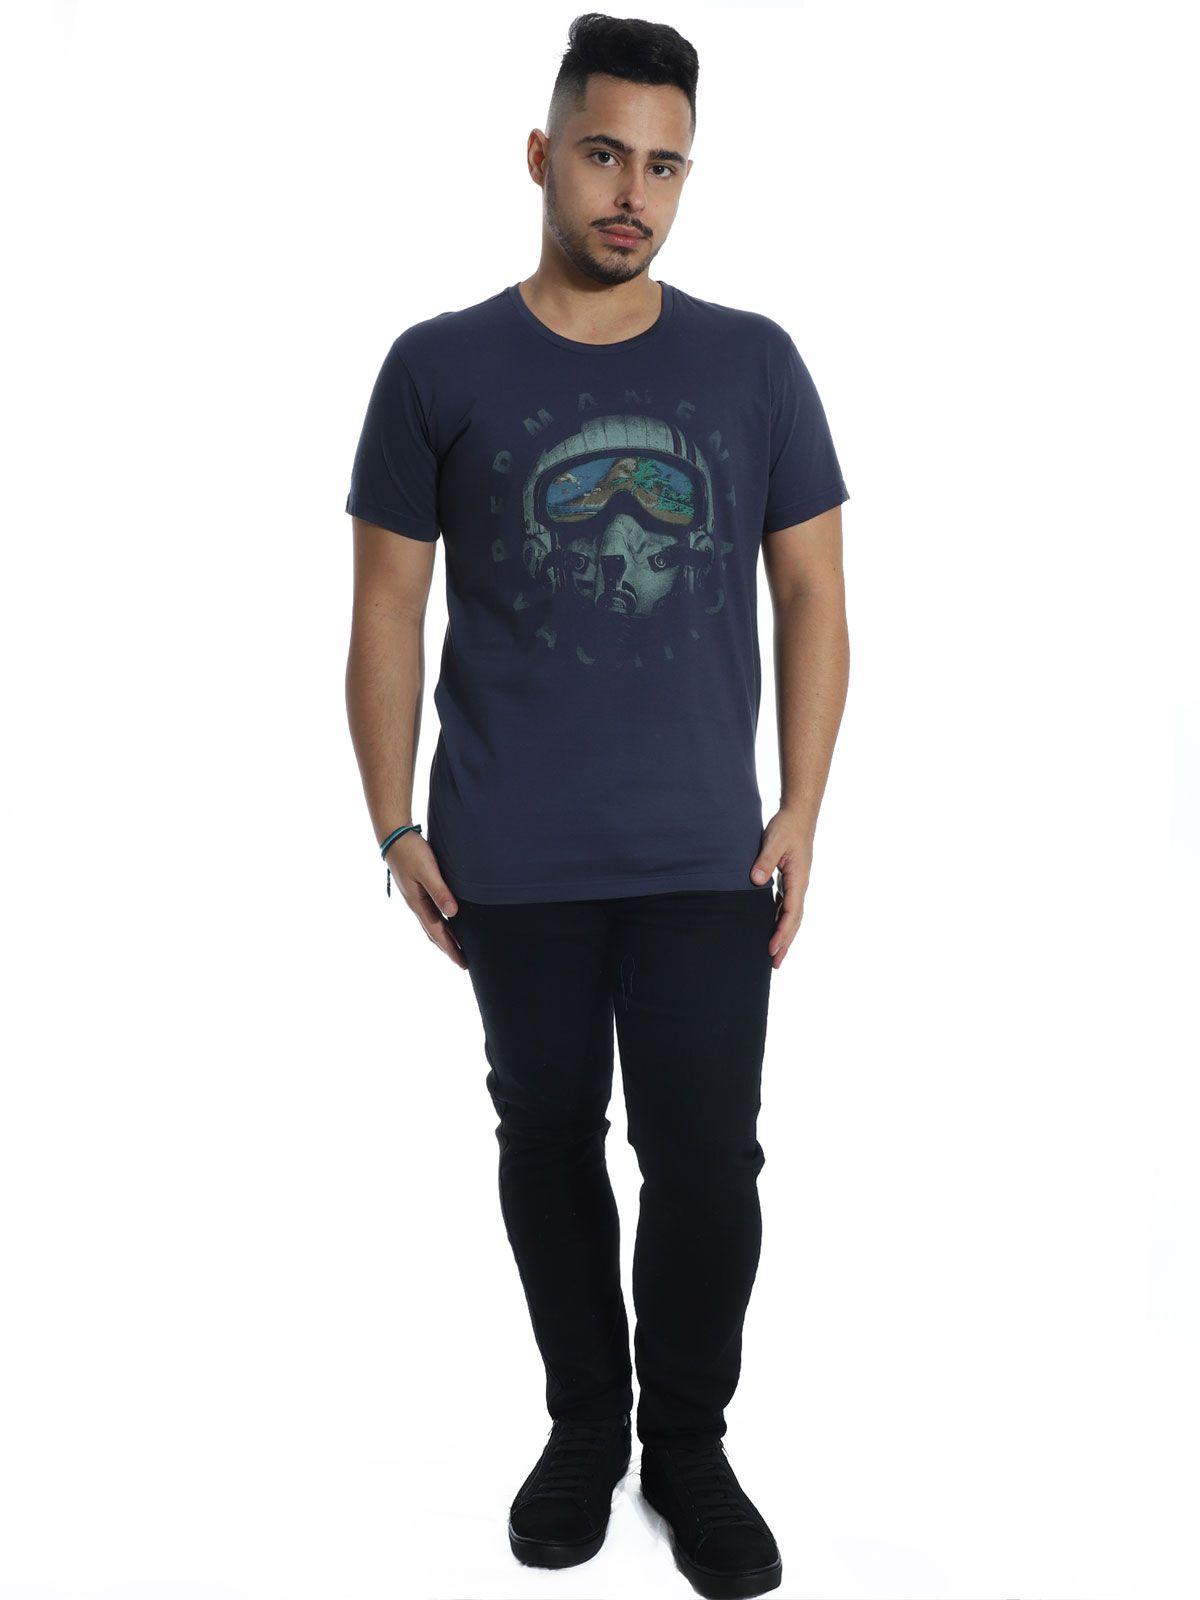 Camiseta Anistia Slim Fit Vacation Grafite